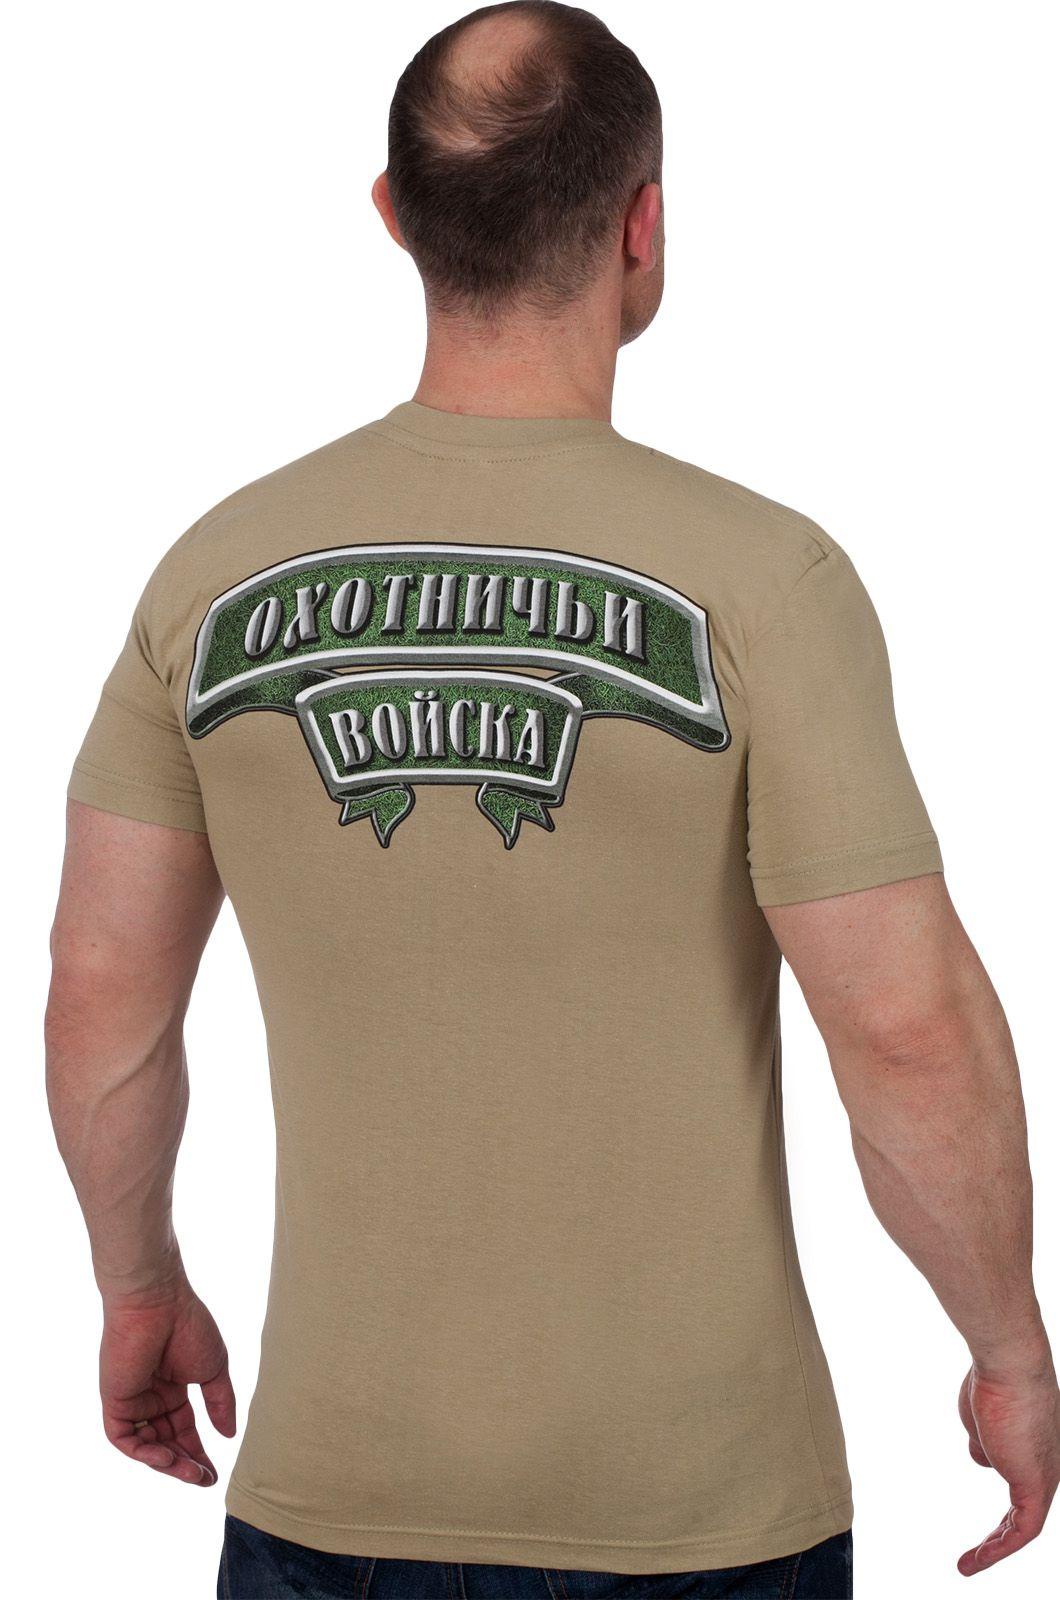 Купить футболки Охотничья